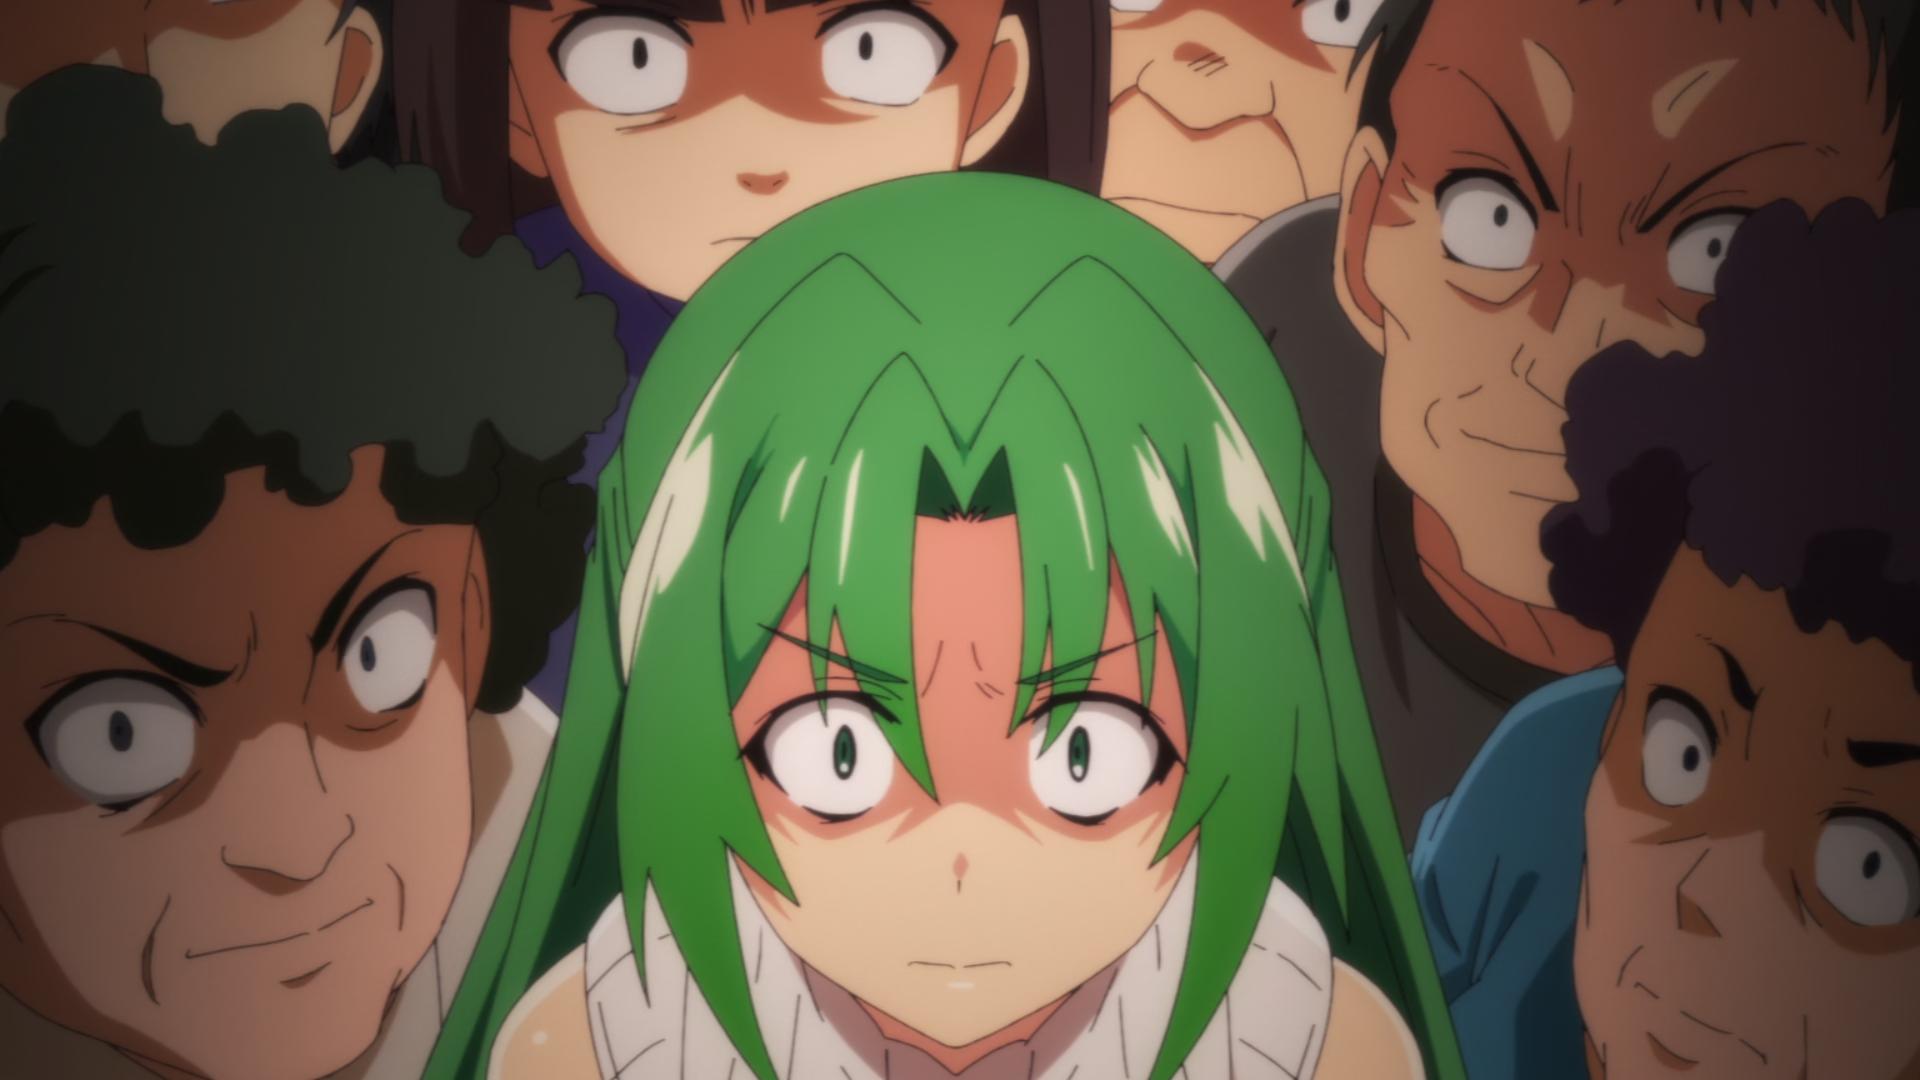 [Anime Time] Higurashi No Naku Koro Ni (2020) - 07 [1080p